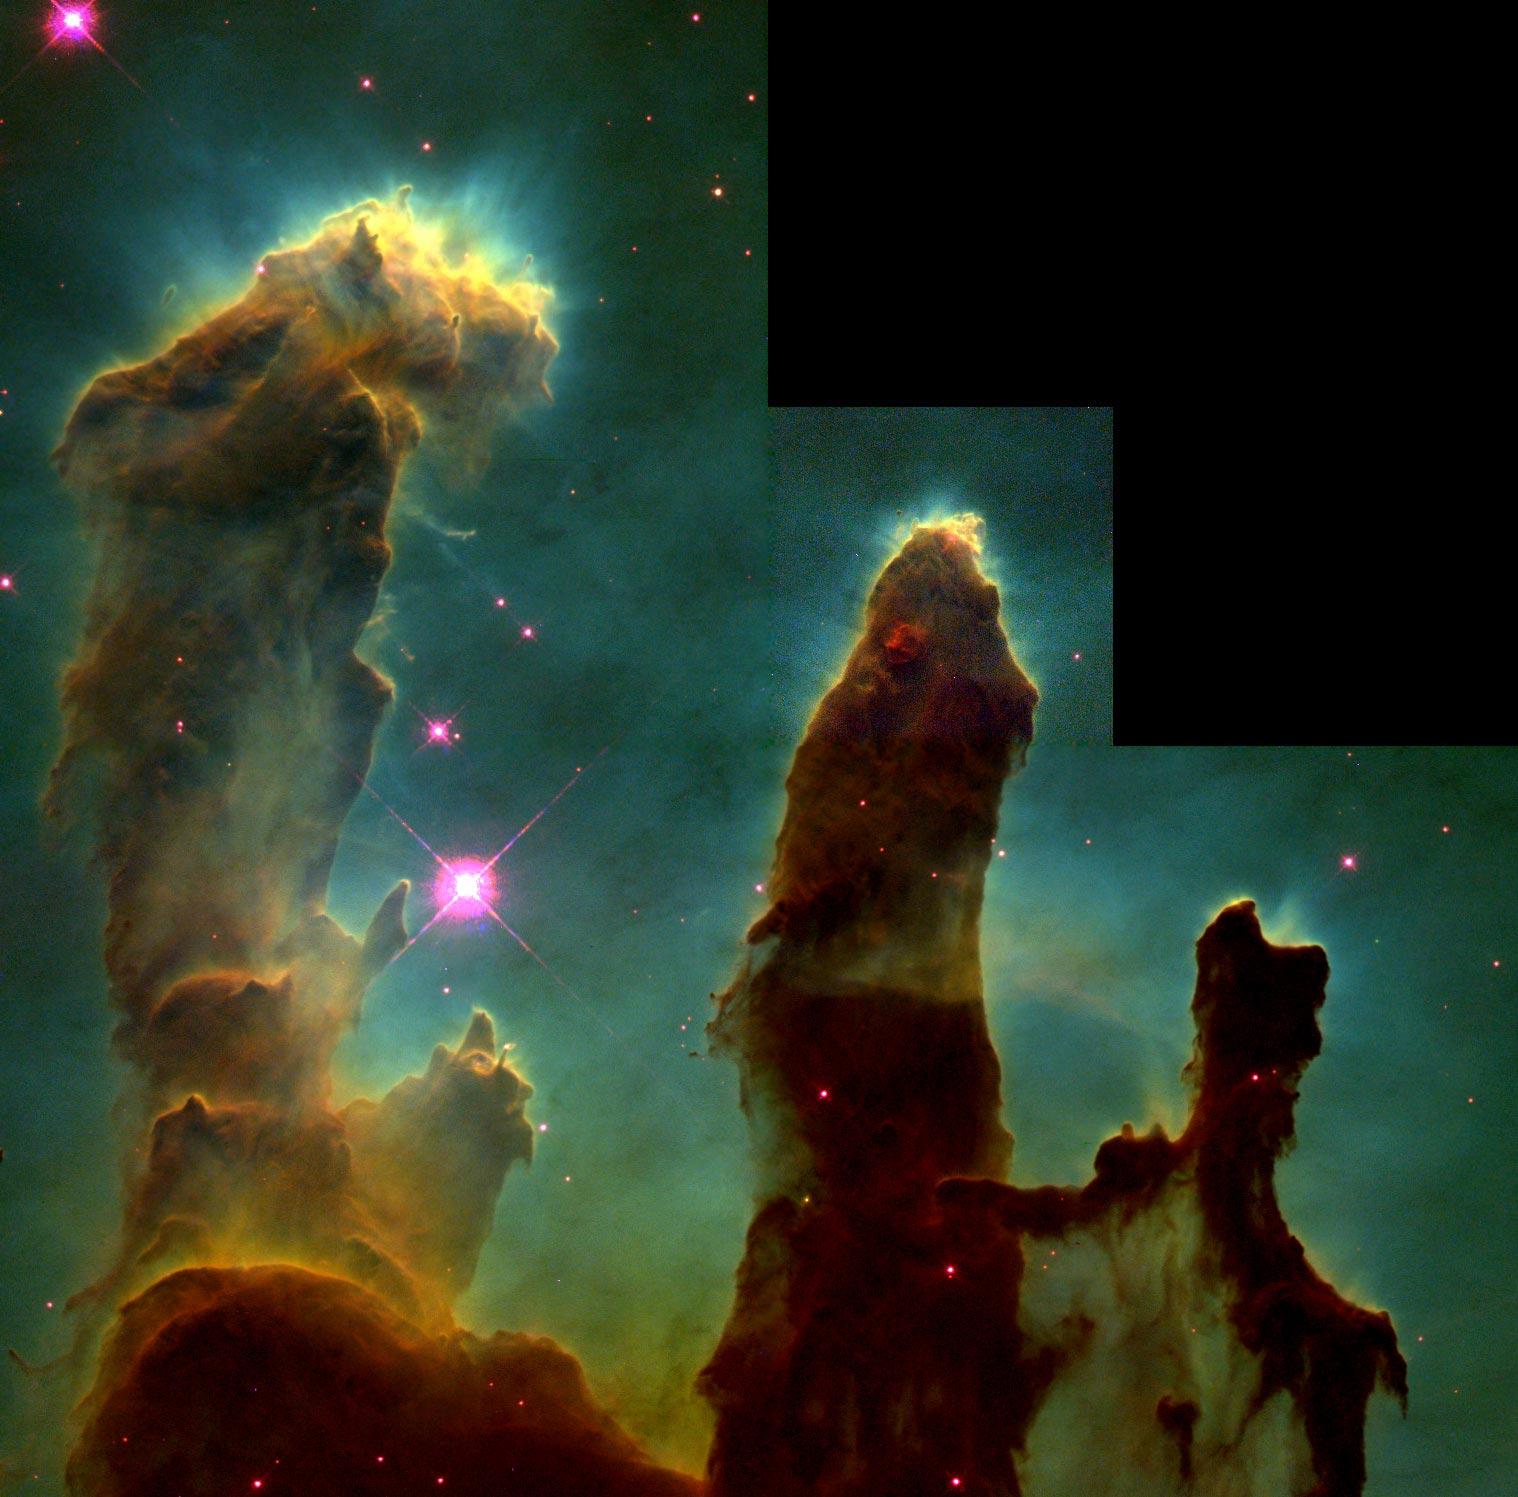 NASA - Cosmic Epic Unfolds in Infrared